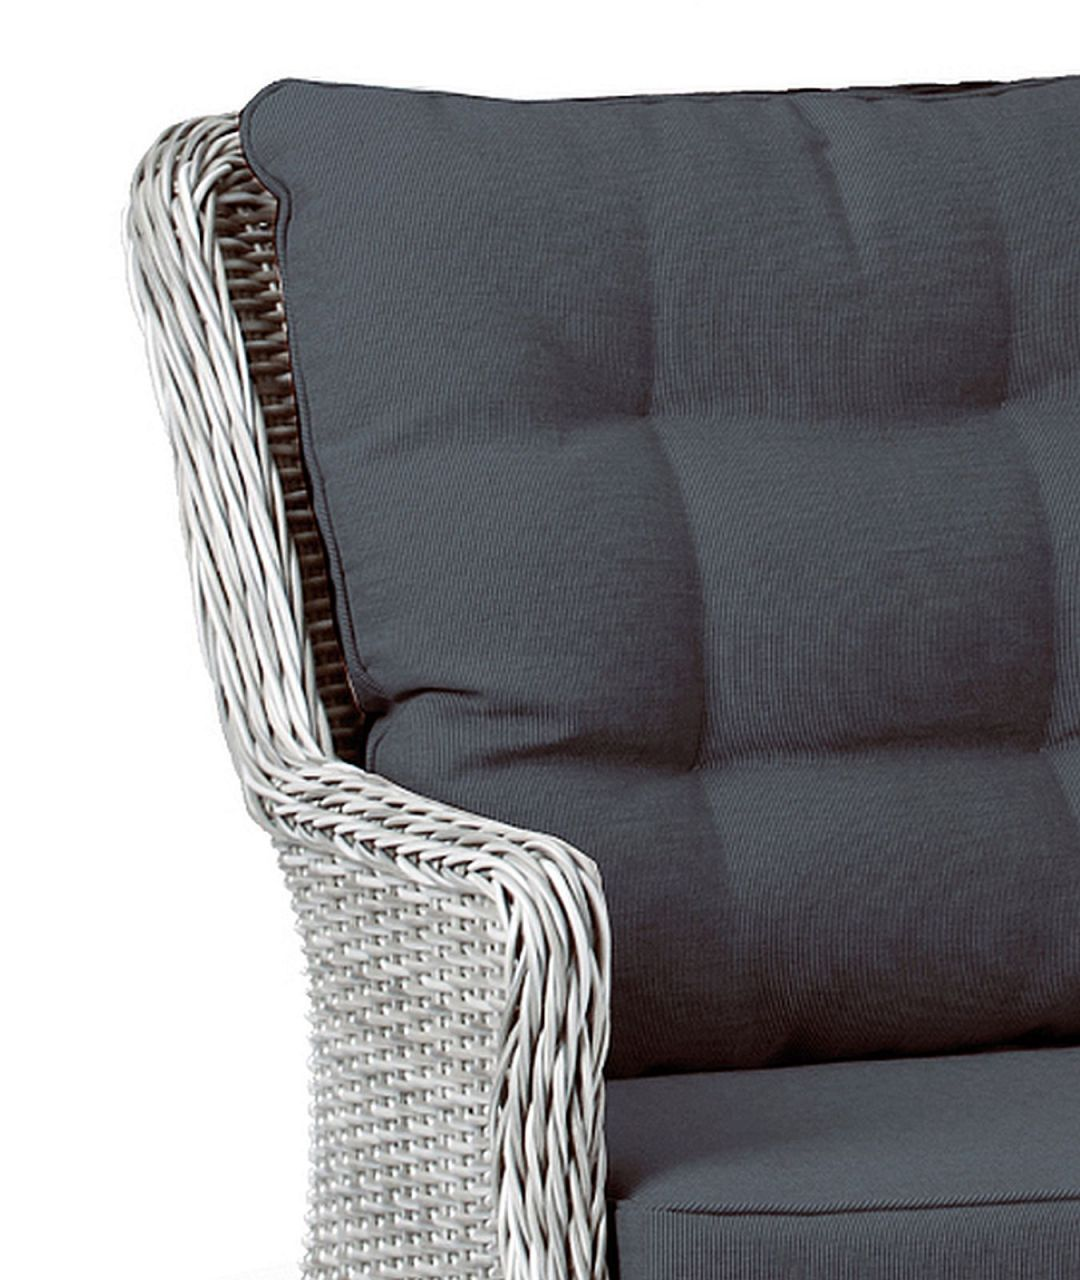 polster wetterfest fabulous polyrattan in braun gartentisch mit ca x x cm inkl polster tisch. Black Bedroom Furniture Sets. Home Design Ideas